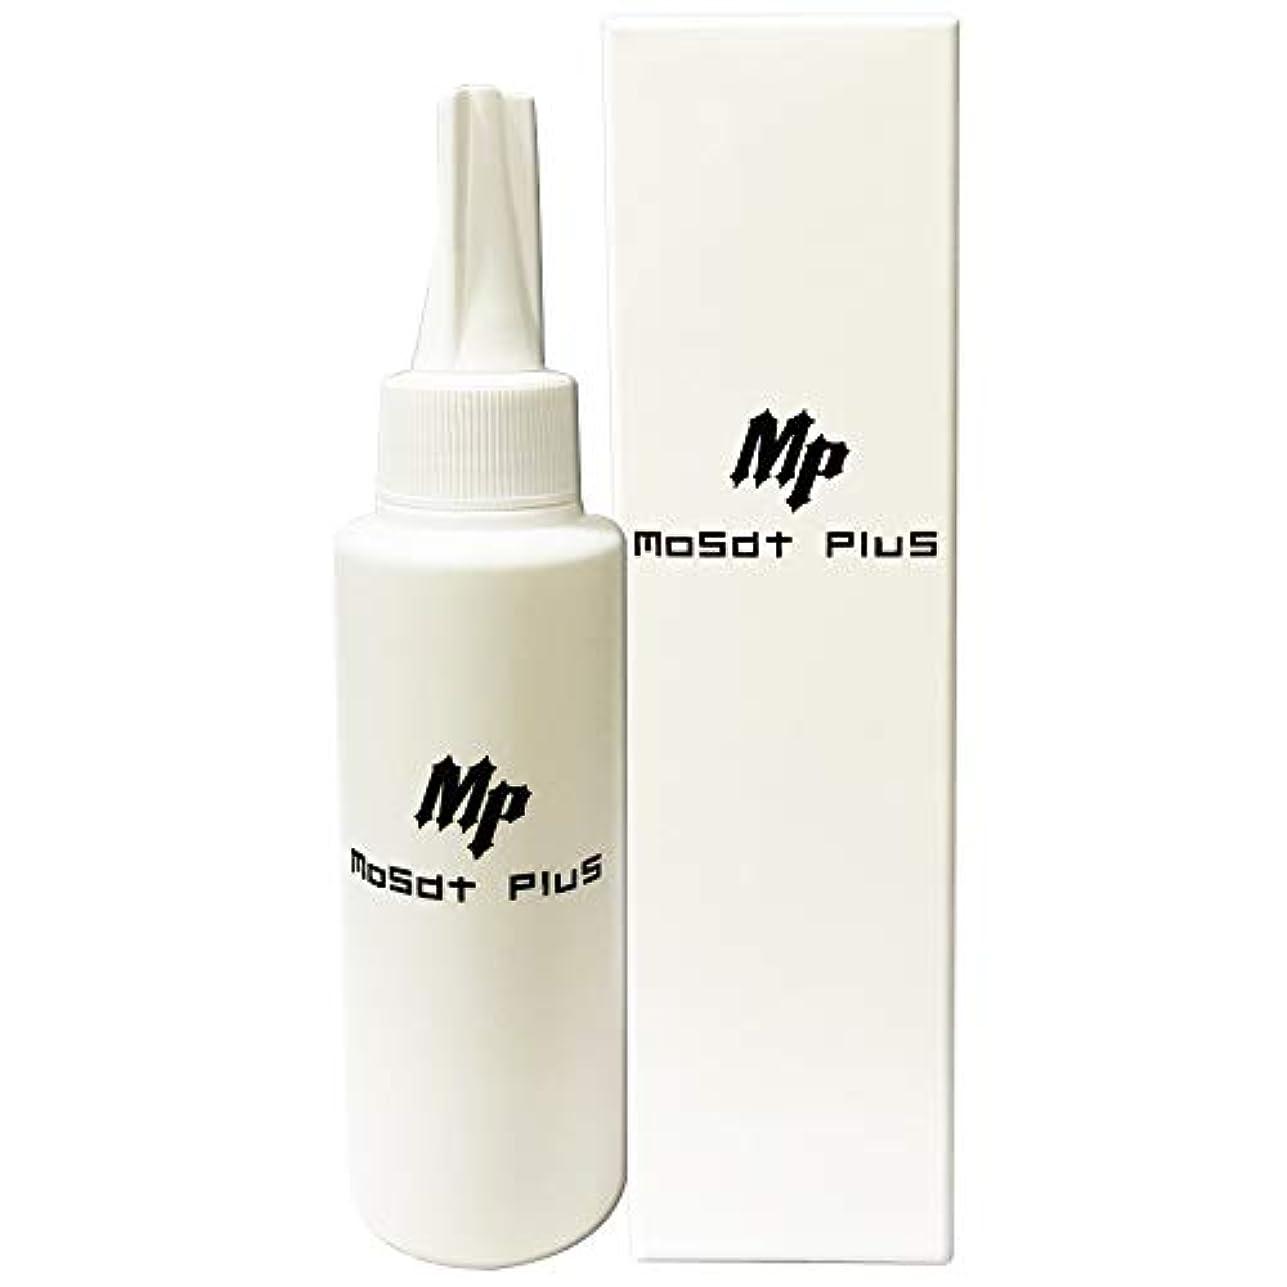 しおれたガイド固執【医薬部外品】Mosat Plus モサットプラス 育毛剤 ジェルタイプ 薬用 100mL